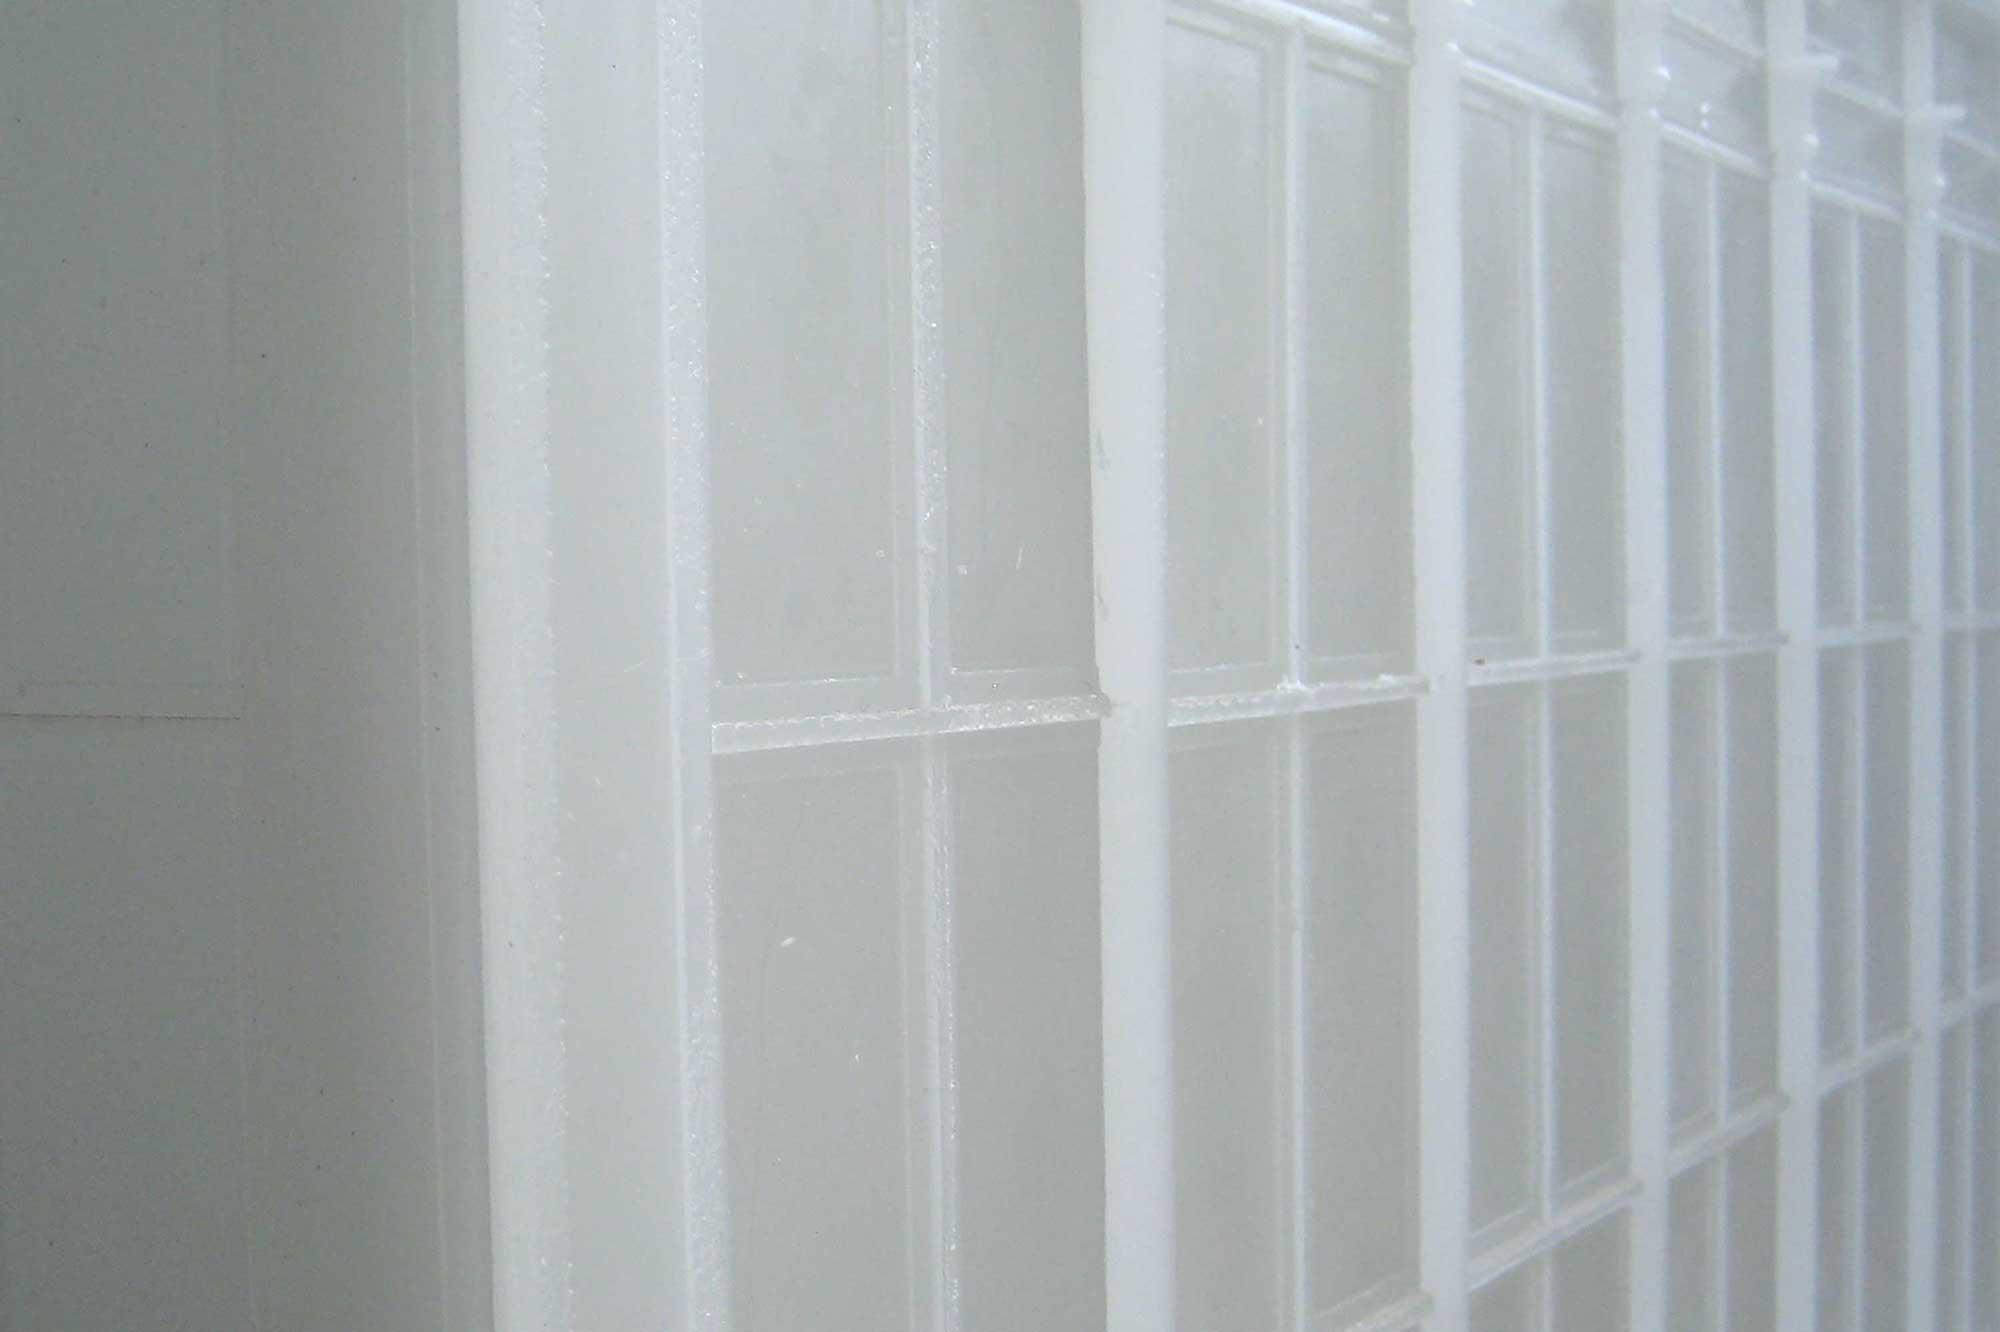 Anmutung der fertigen Fassade aus Wachs